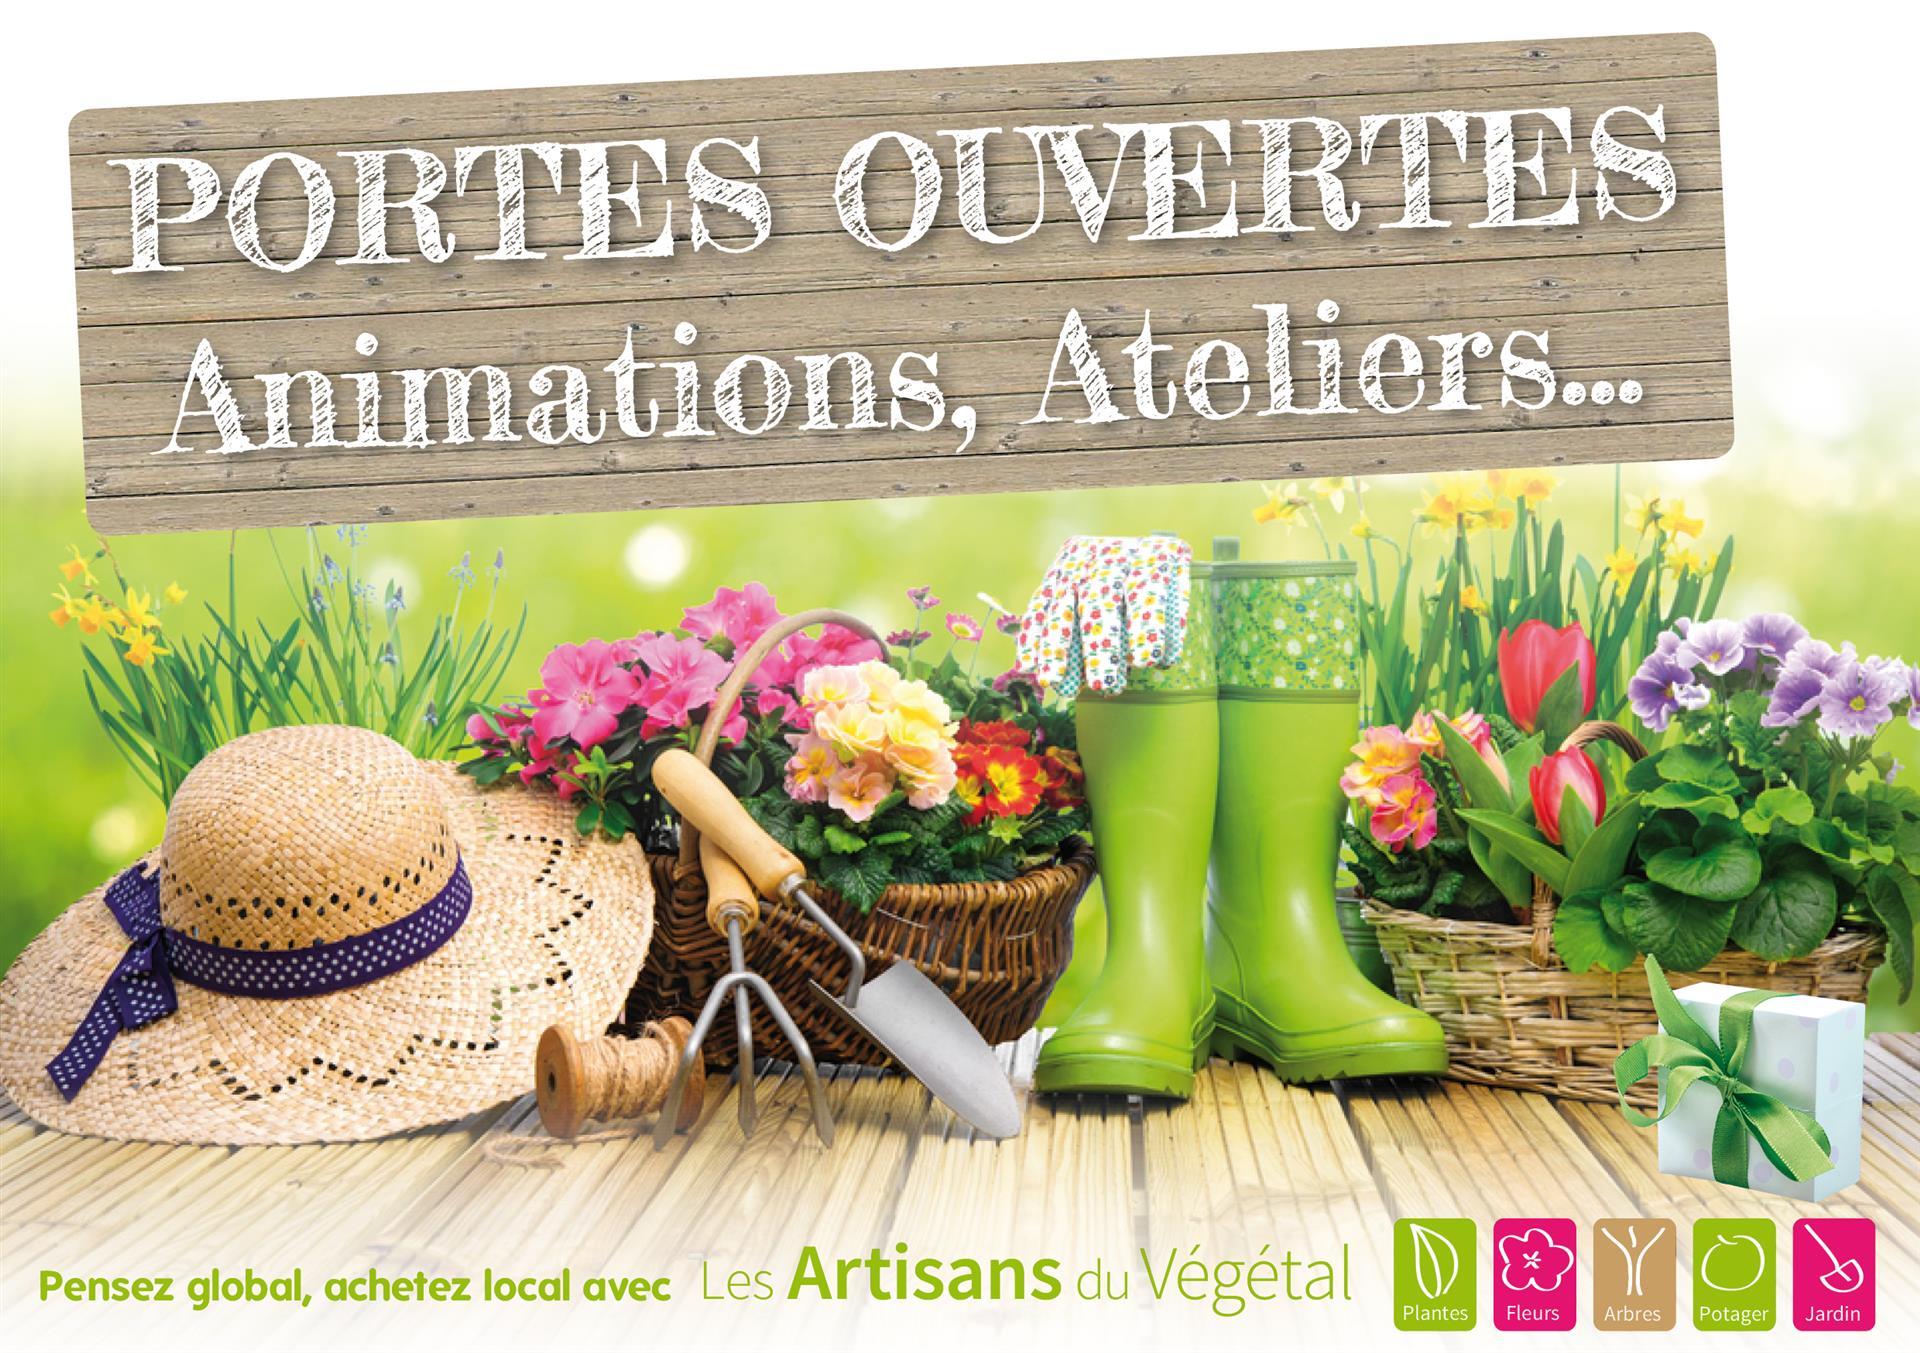 Ce week-end, chez vos Artisans du Végétal...